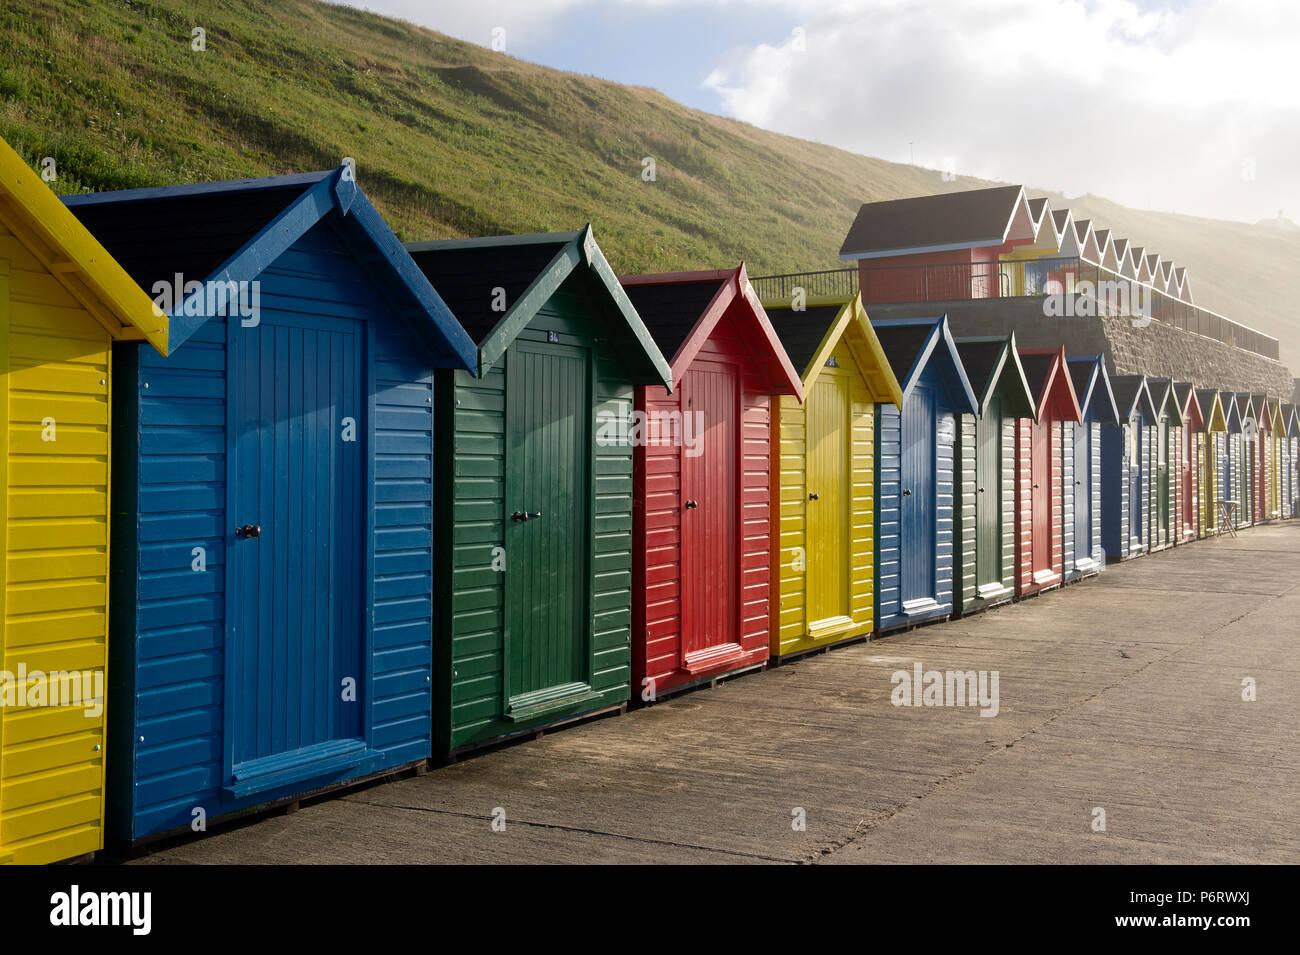 Les cabines de plage multicolores surplombant la plage de Whitby sur la côte du Yorkshire du Nord. Banque D'Images